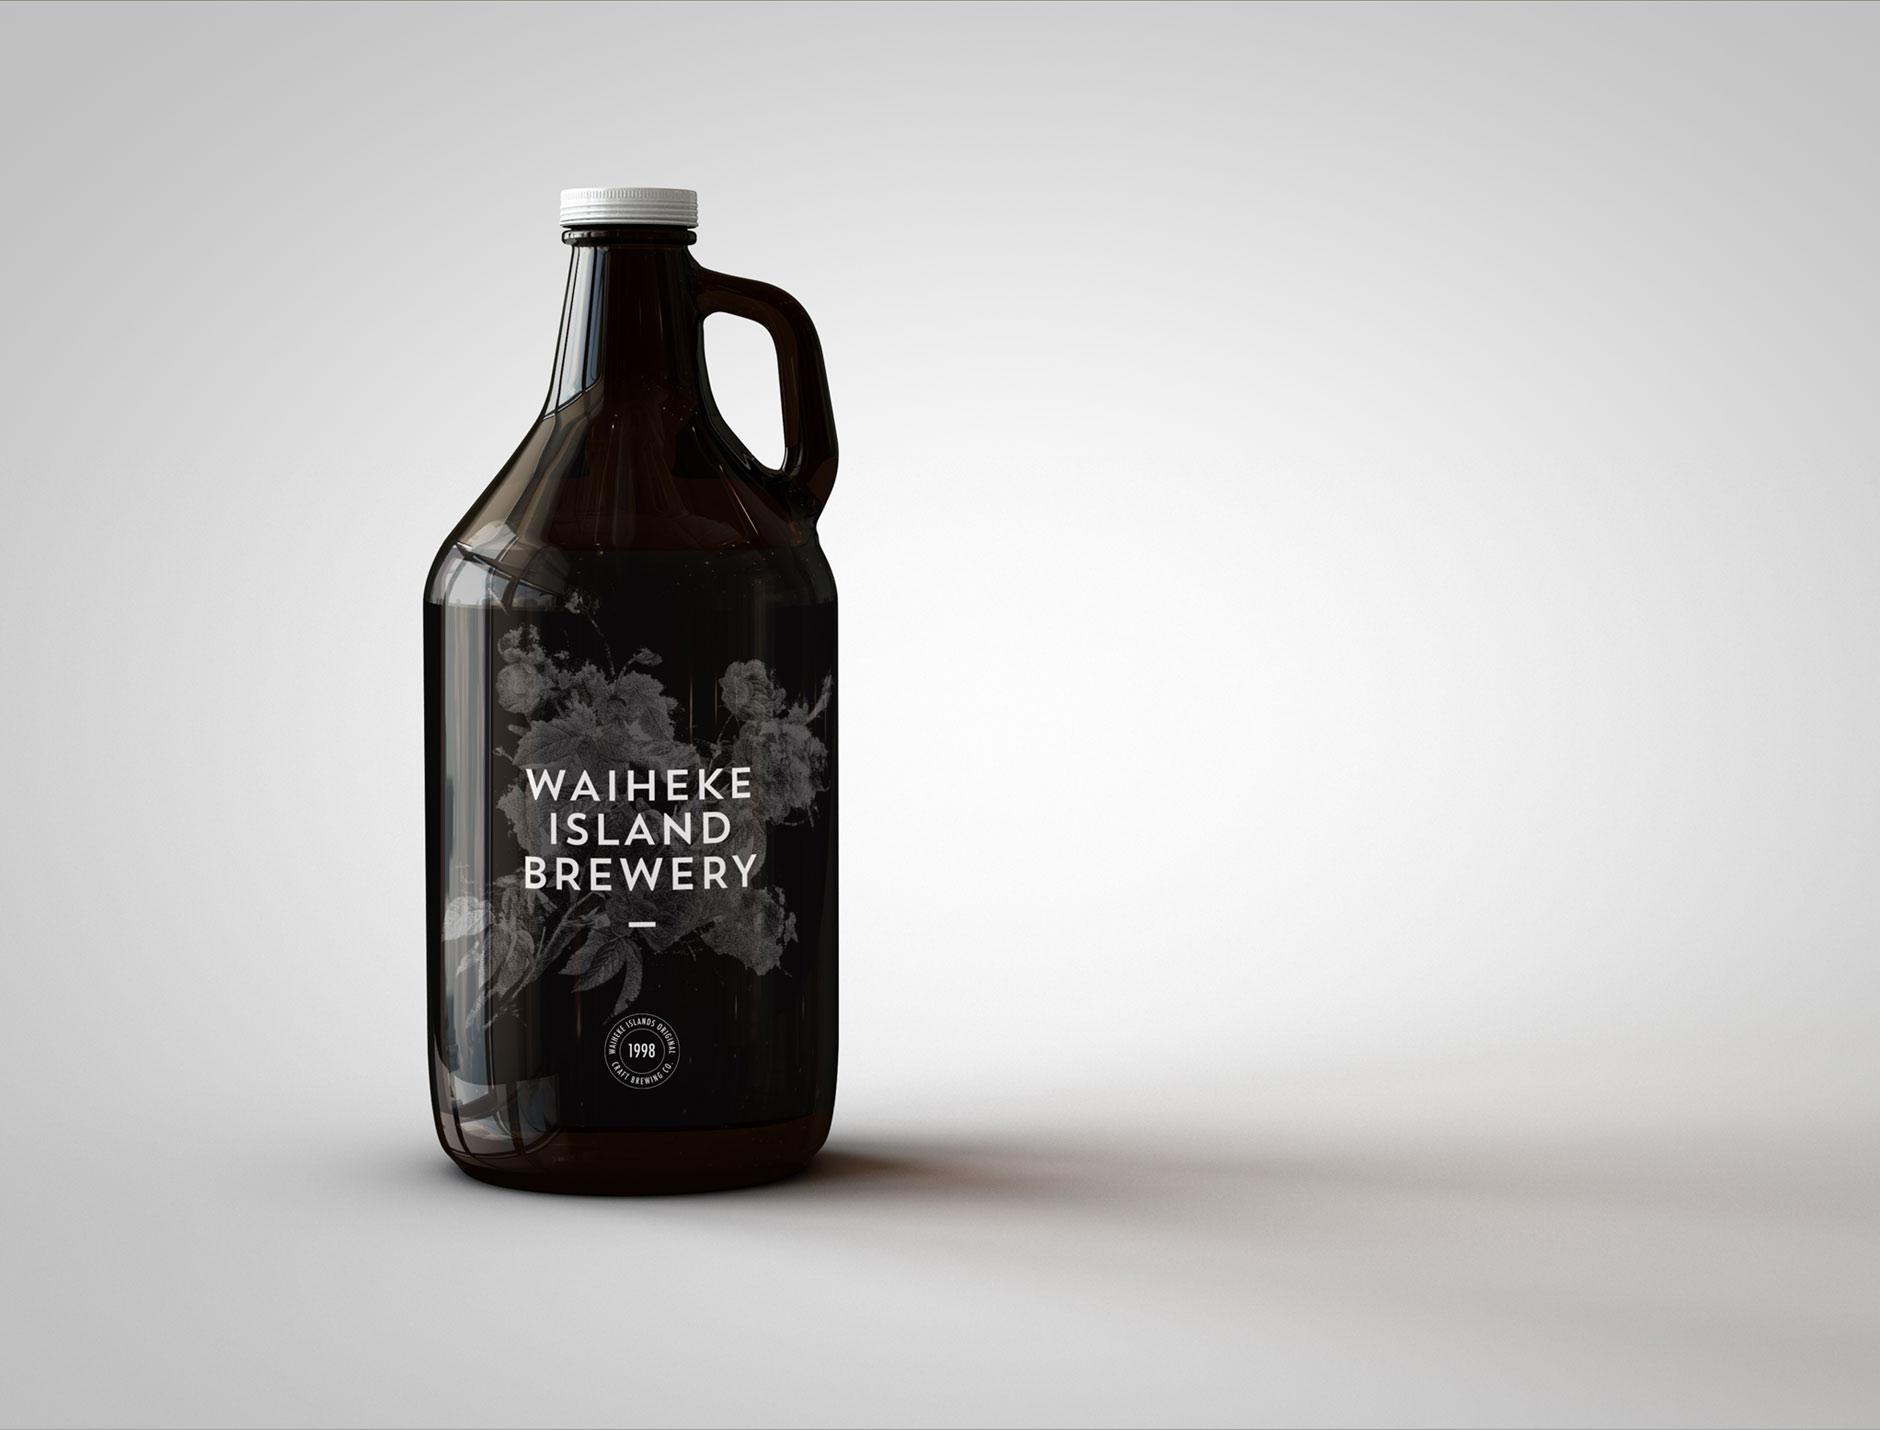 Waiheke Island Brewery flagon concept